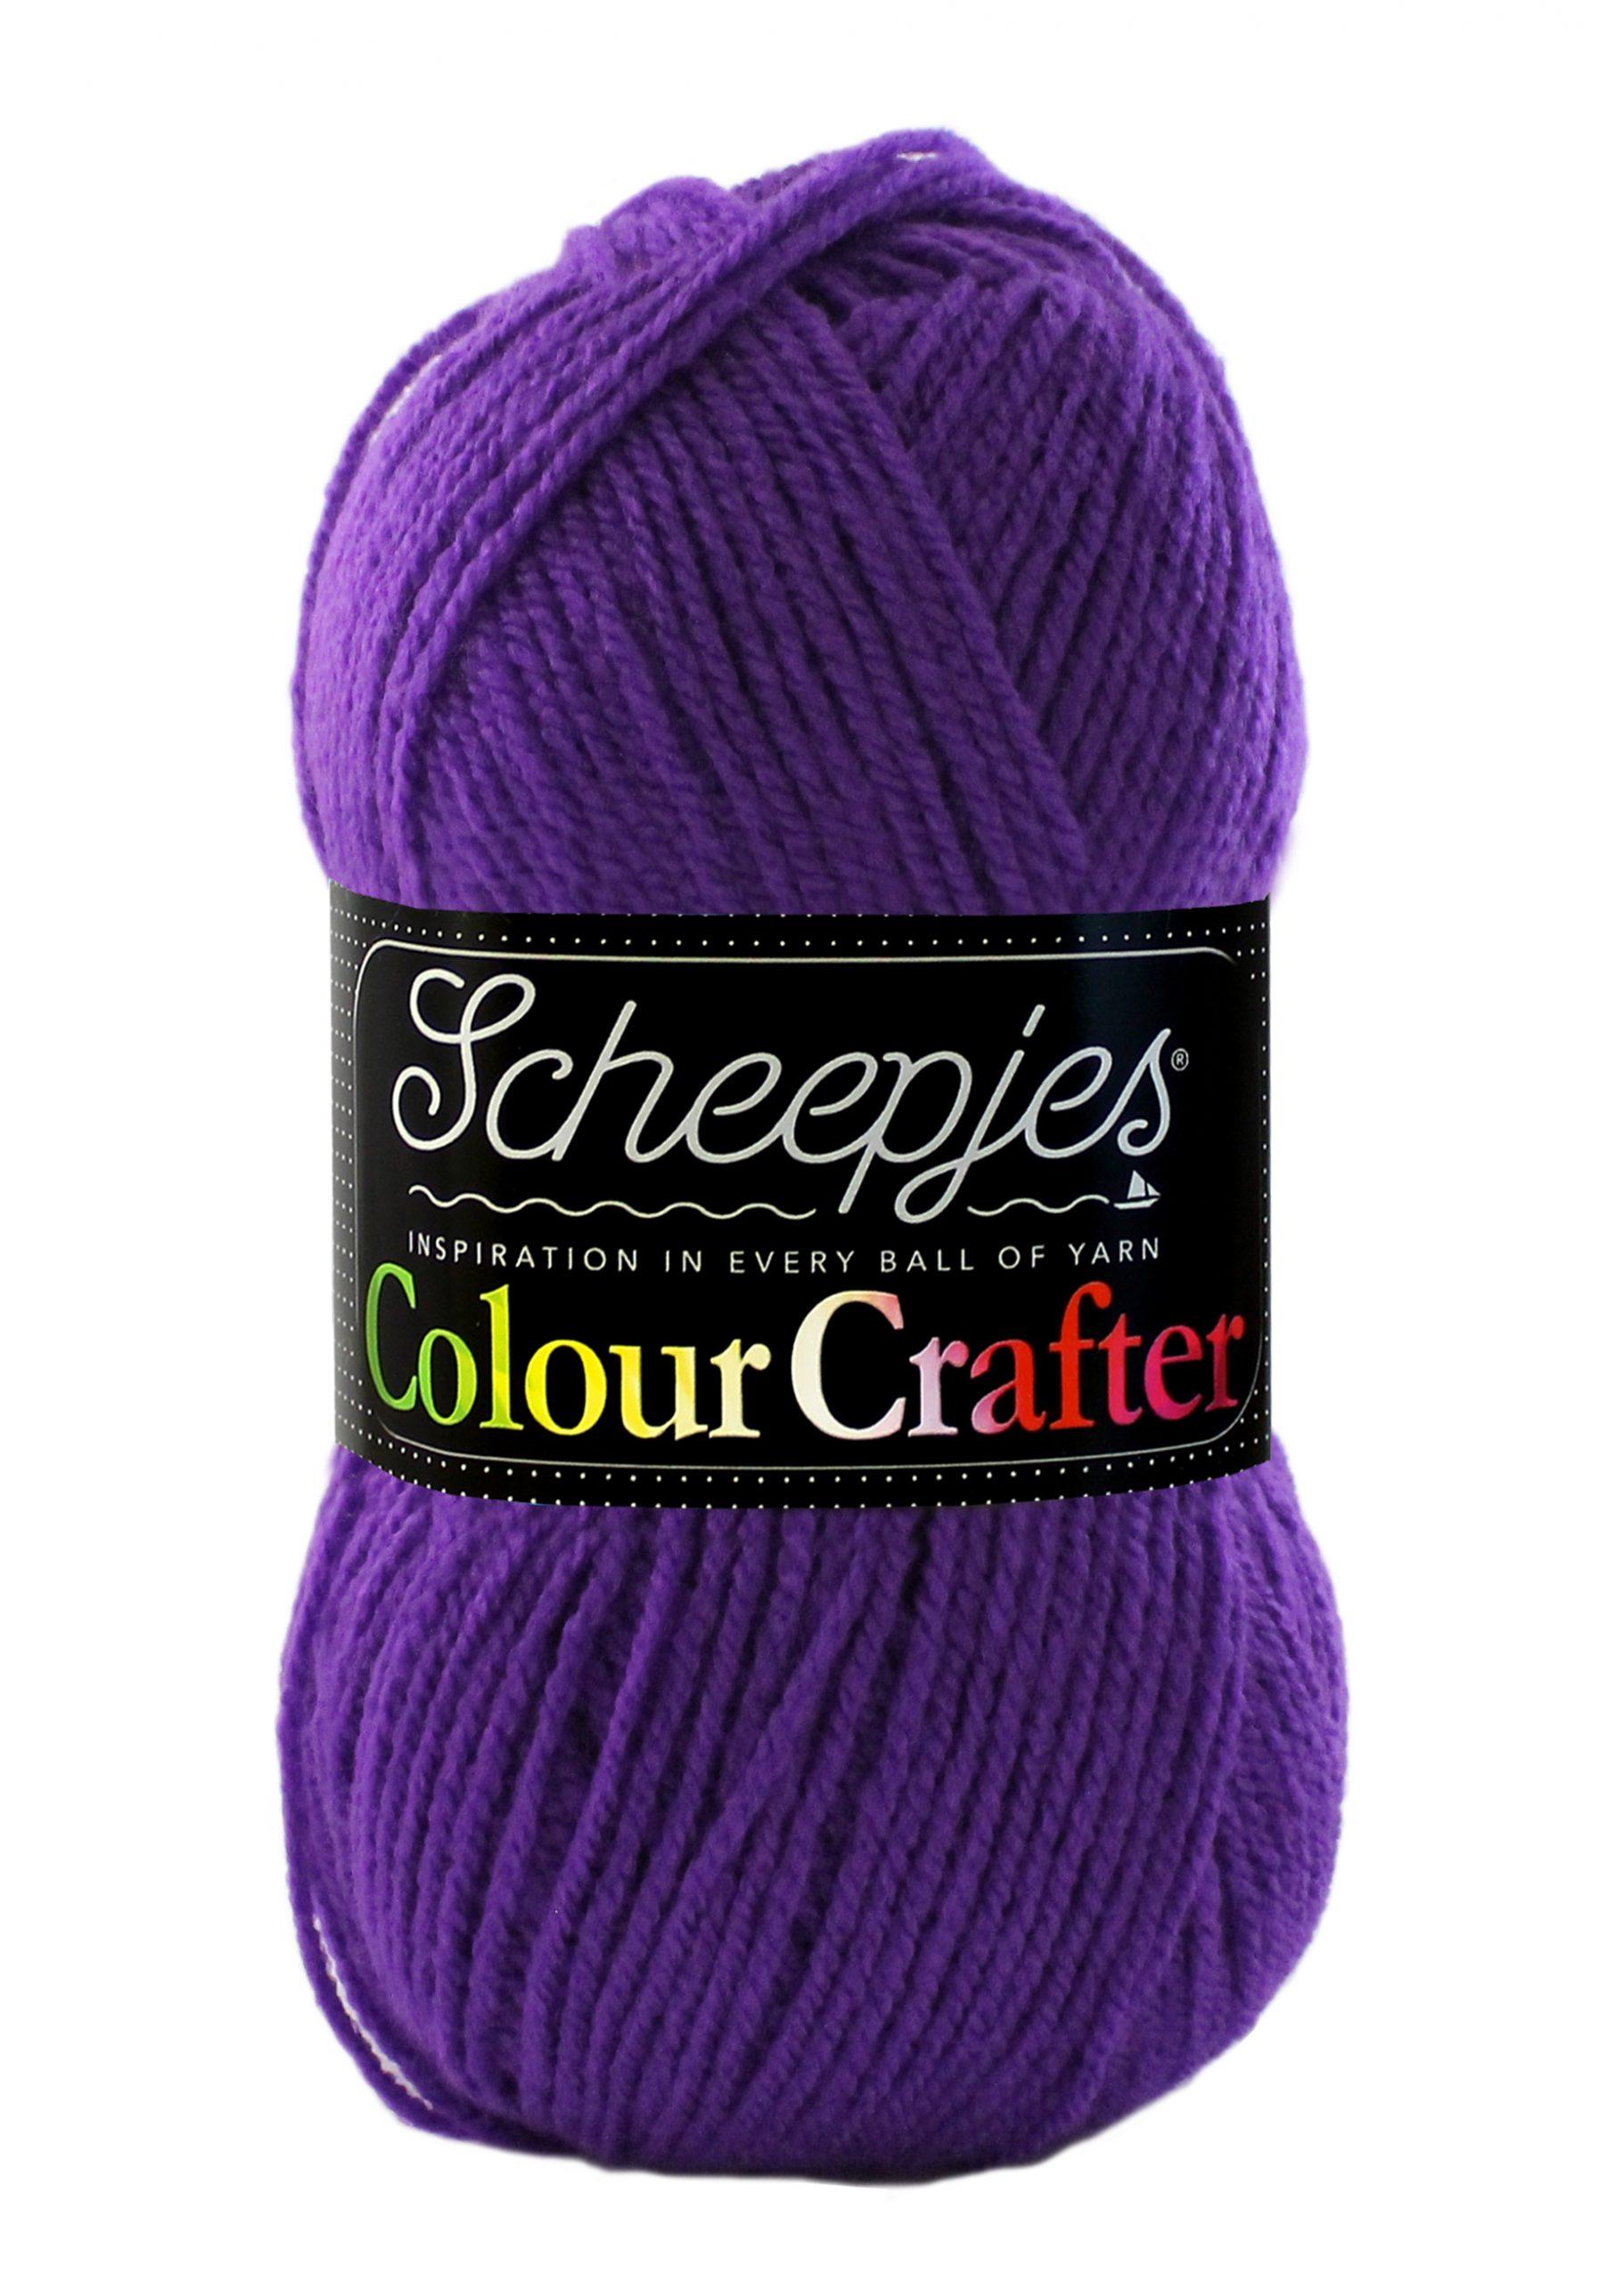 Scheepjes Colour Crafter – Antwerpen 2001 | garenhuisukeus.nl